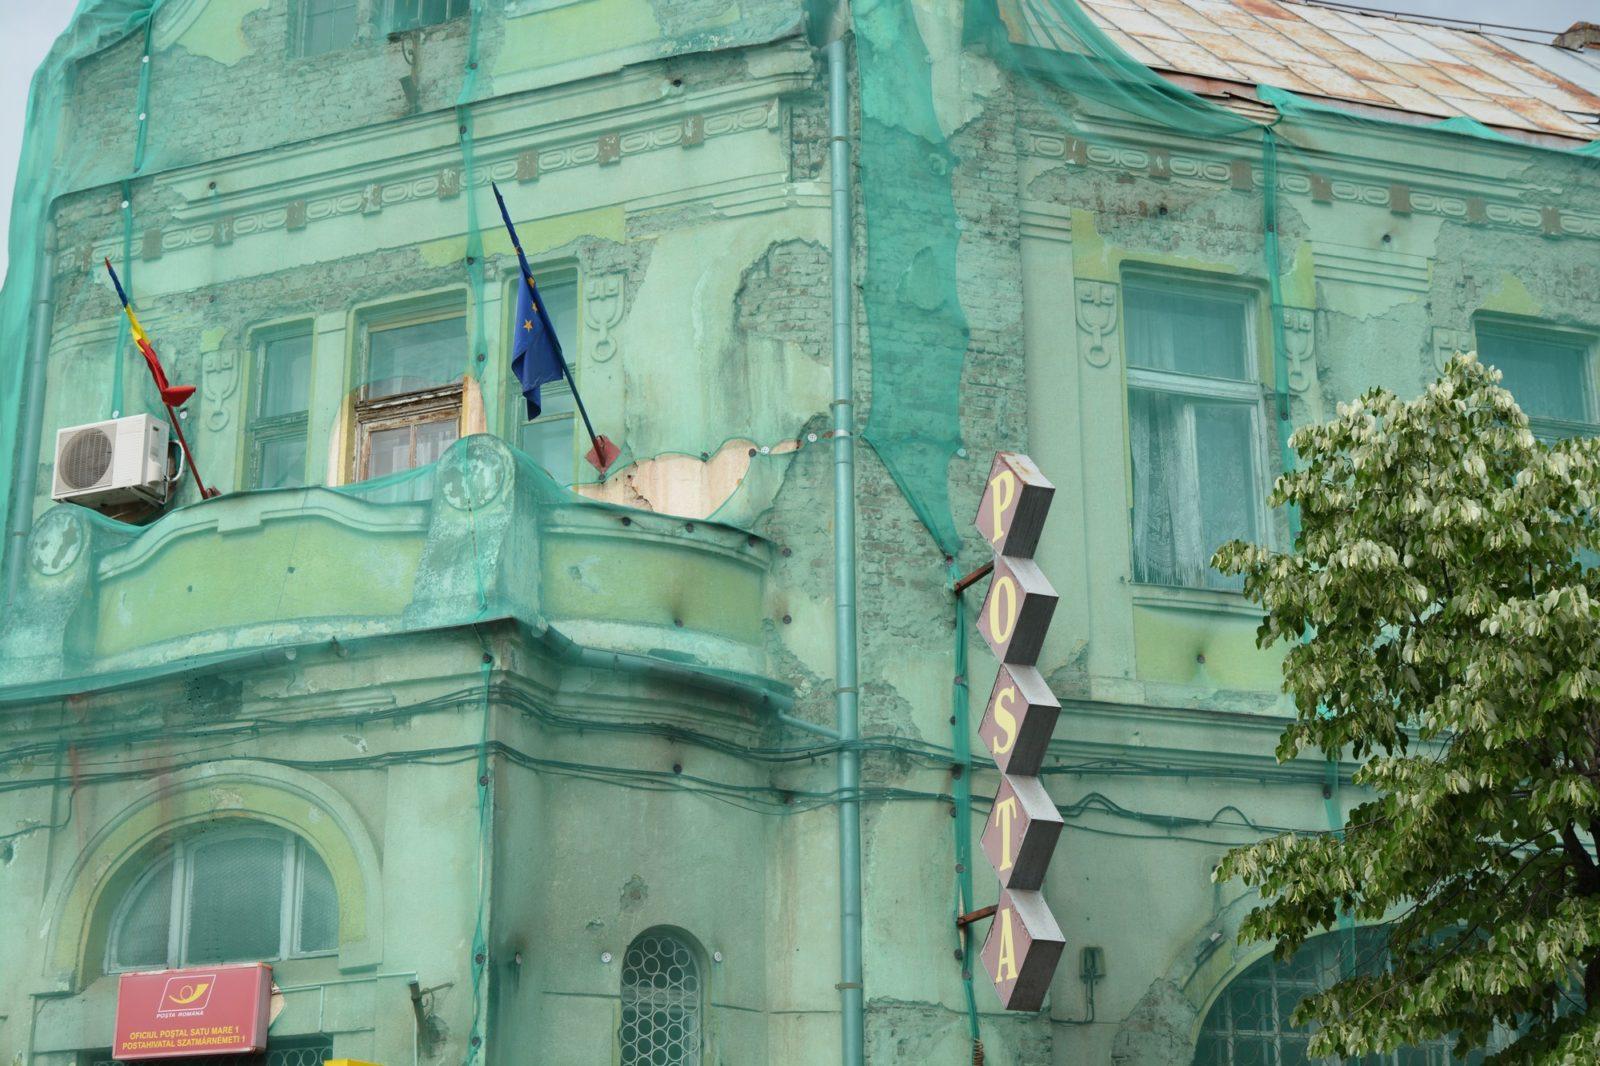 Poșta nr.1 la un pas de a se dărâma. Deputatul Magyar Lorand face eforturi pentru a salva clădirea